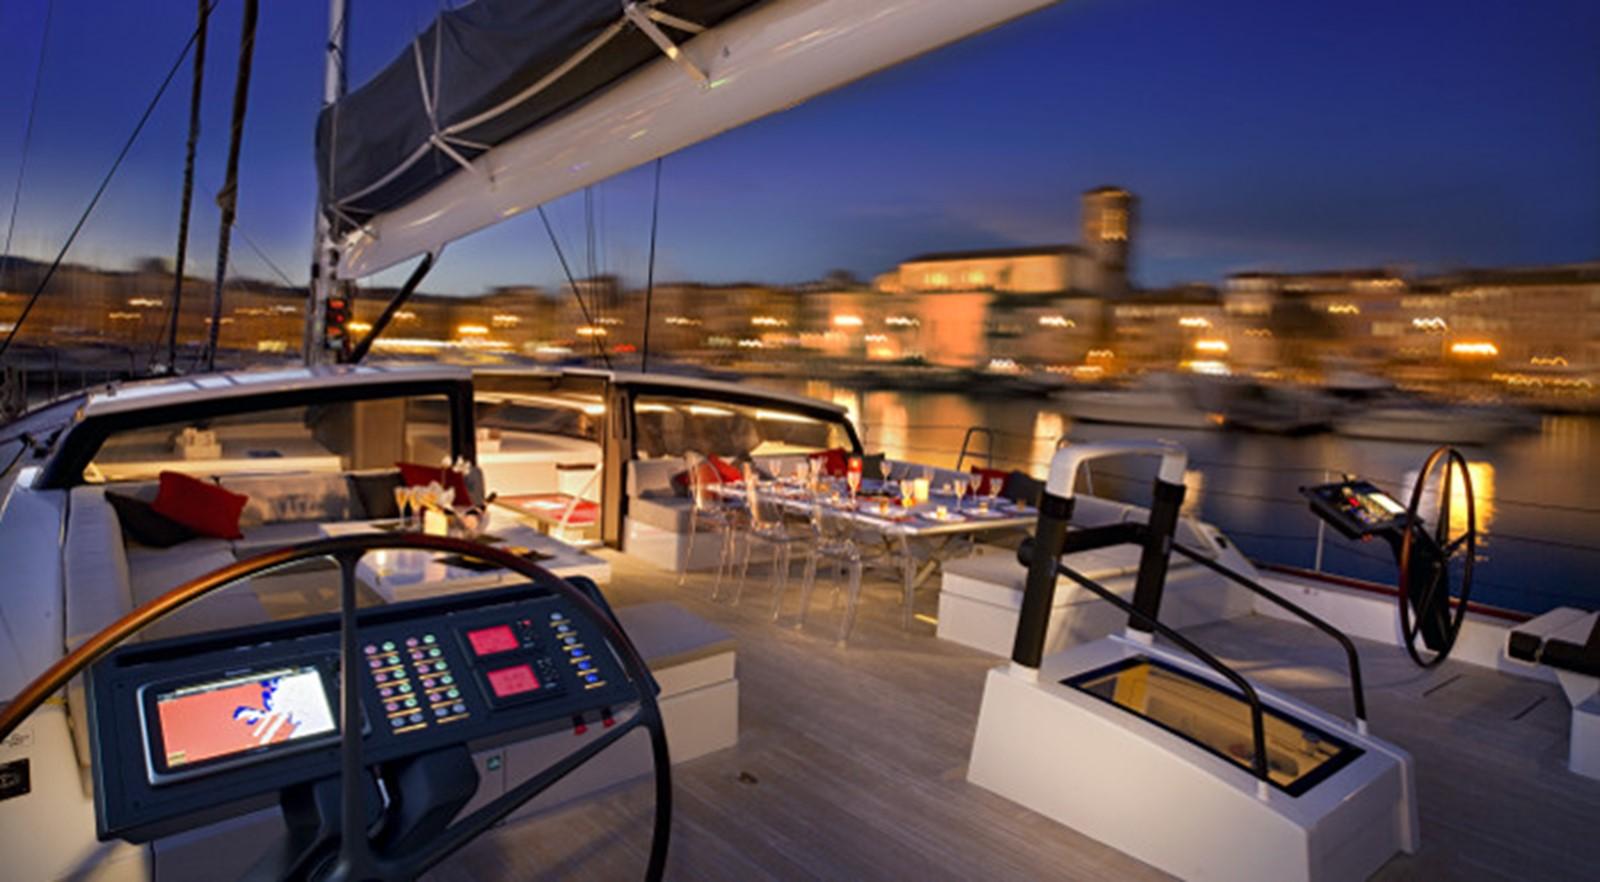 2013 MAXI DOLPHIN SRL Maxi 100 cruiser-racer Cruising Sailboat 2328915